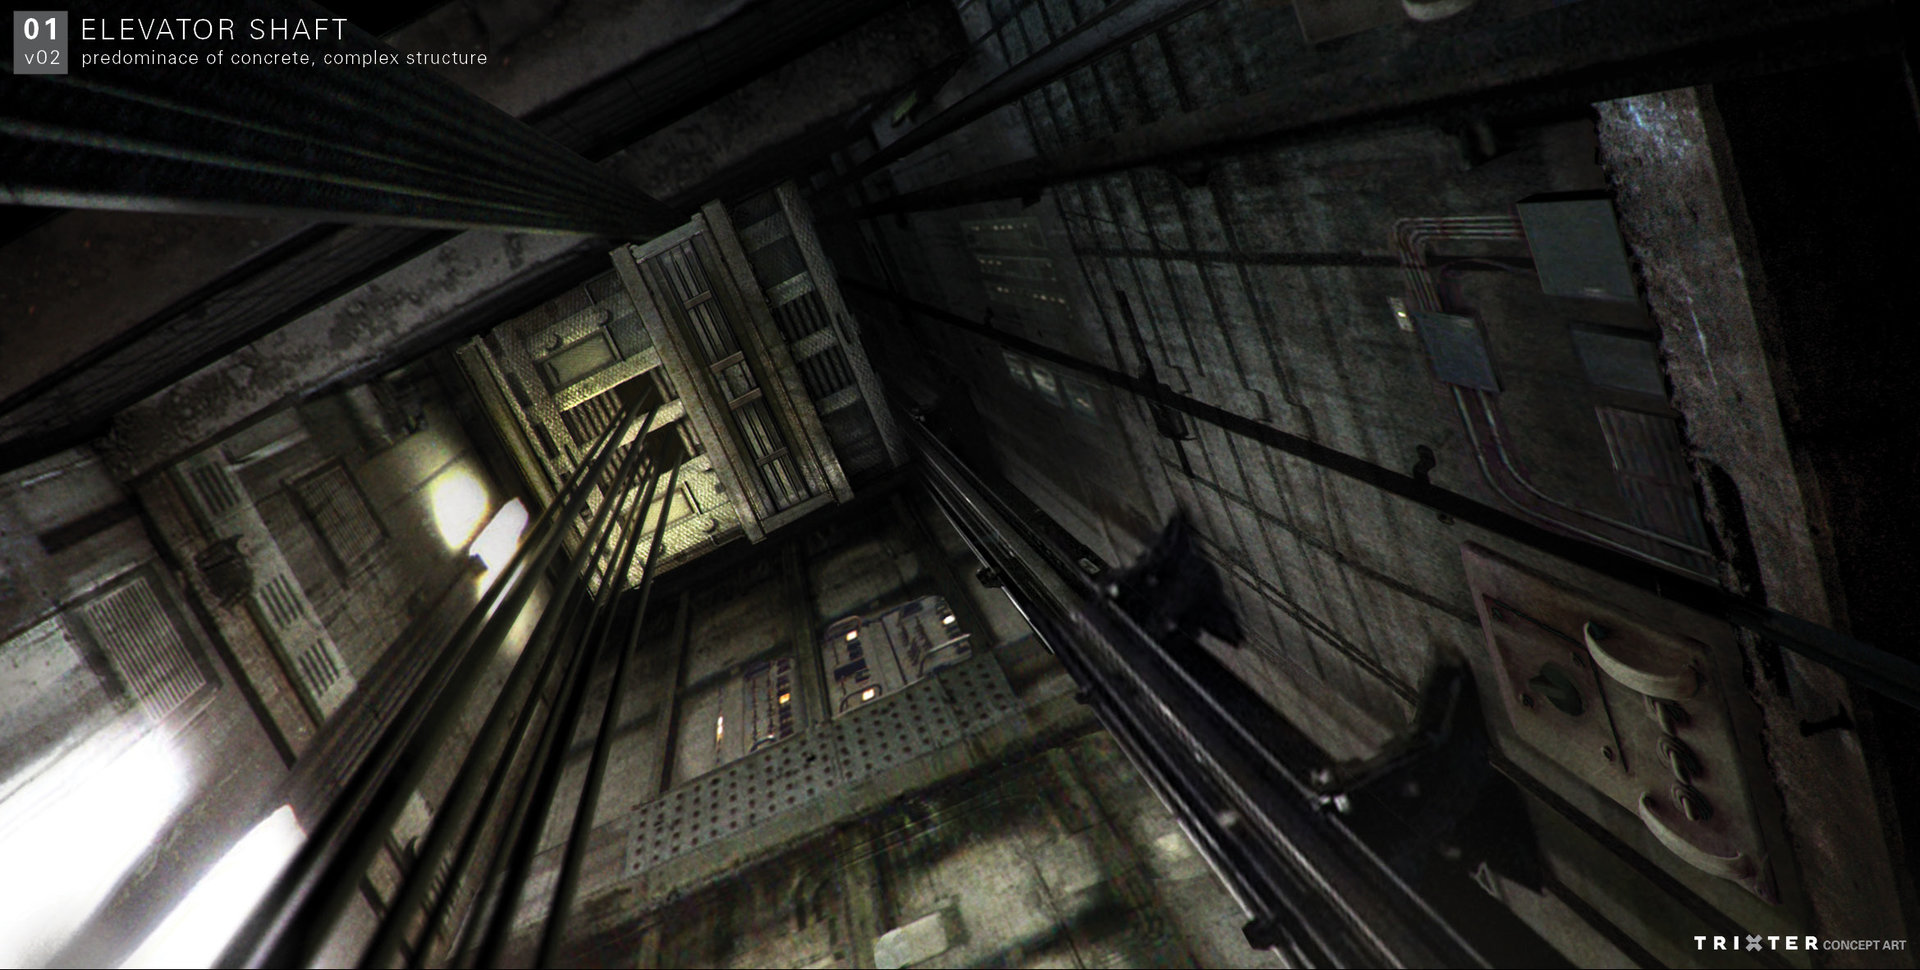 Paolo giandoso fb2 zlc elevatorshaft 01 v002